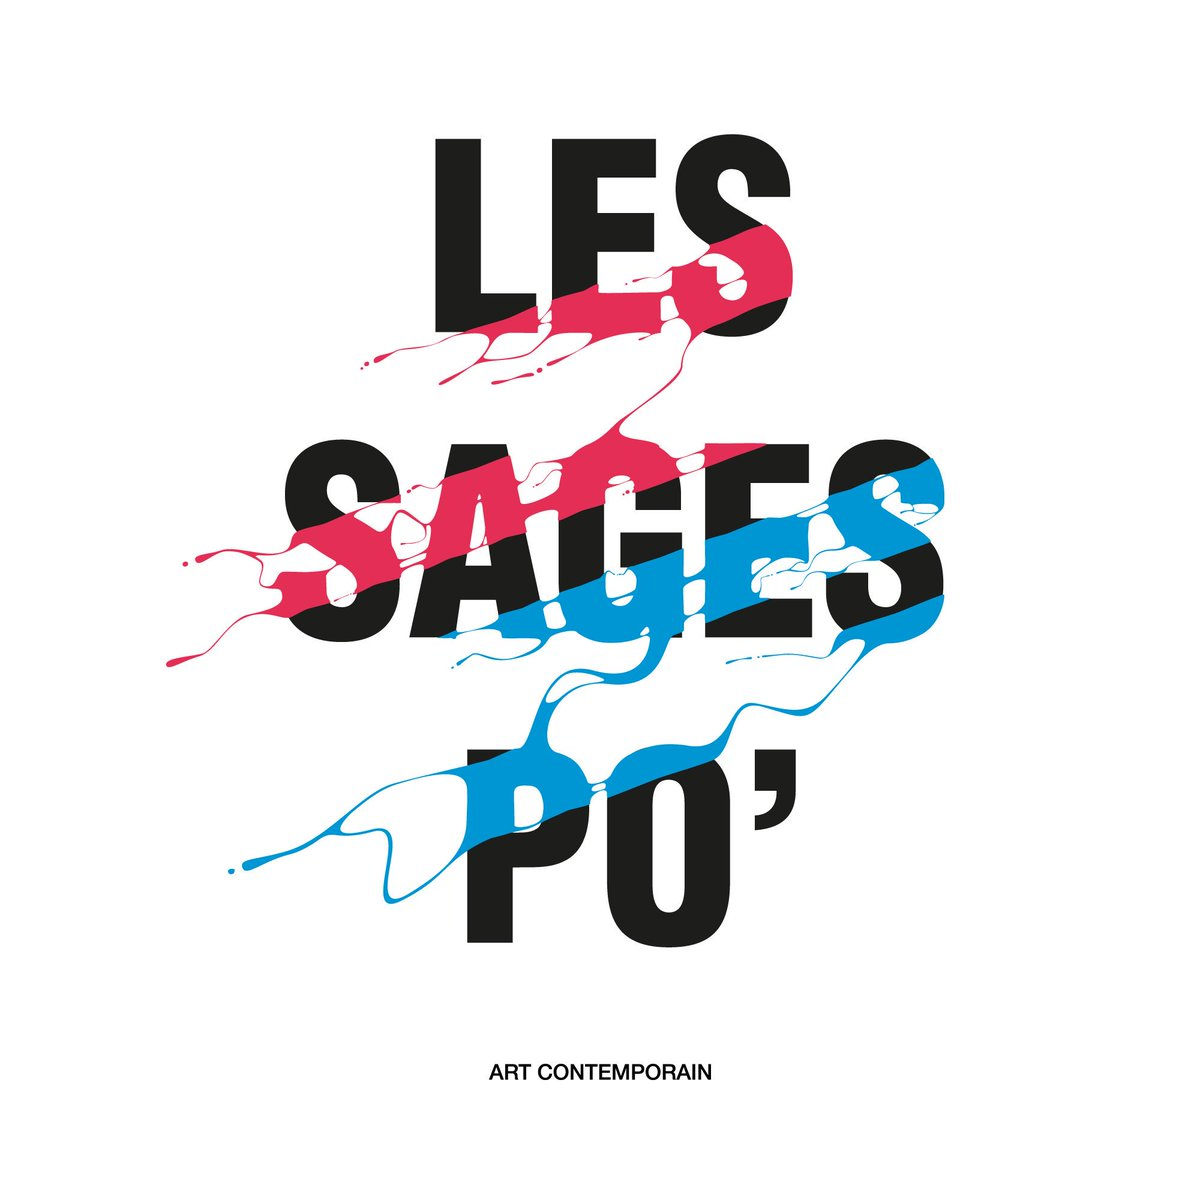 Aujourd&#39;hui sortie de l&#39; #album des @SagesPo #artcontemporain !<br>http://pic.twitter.com/0X545dfT6x